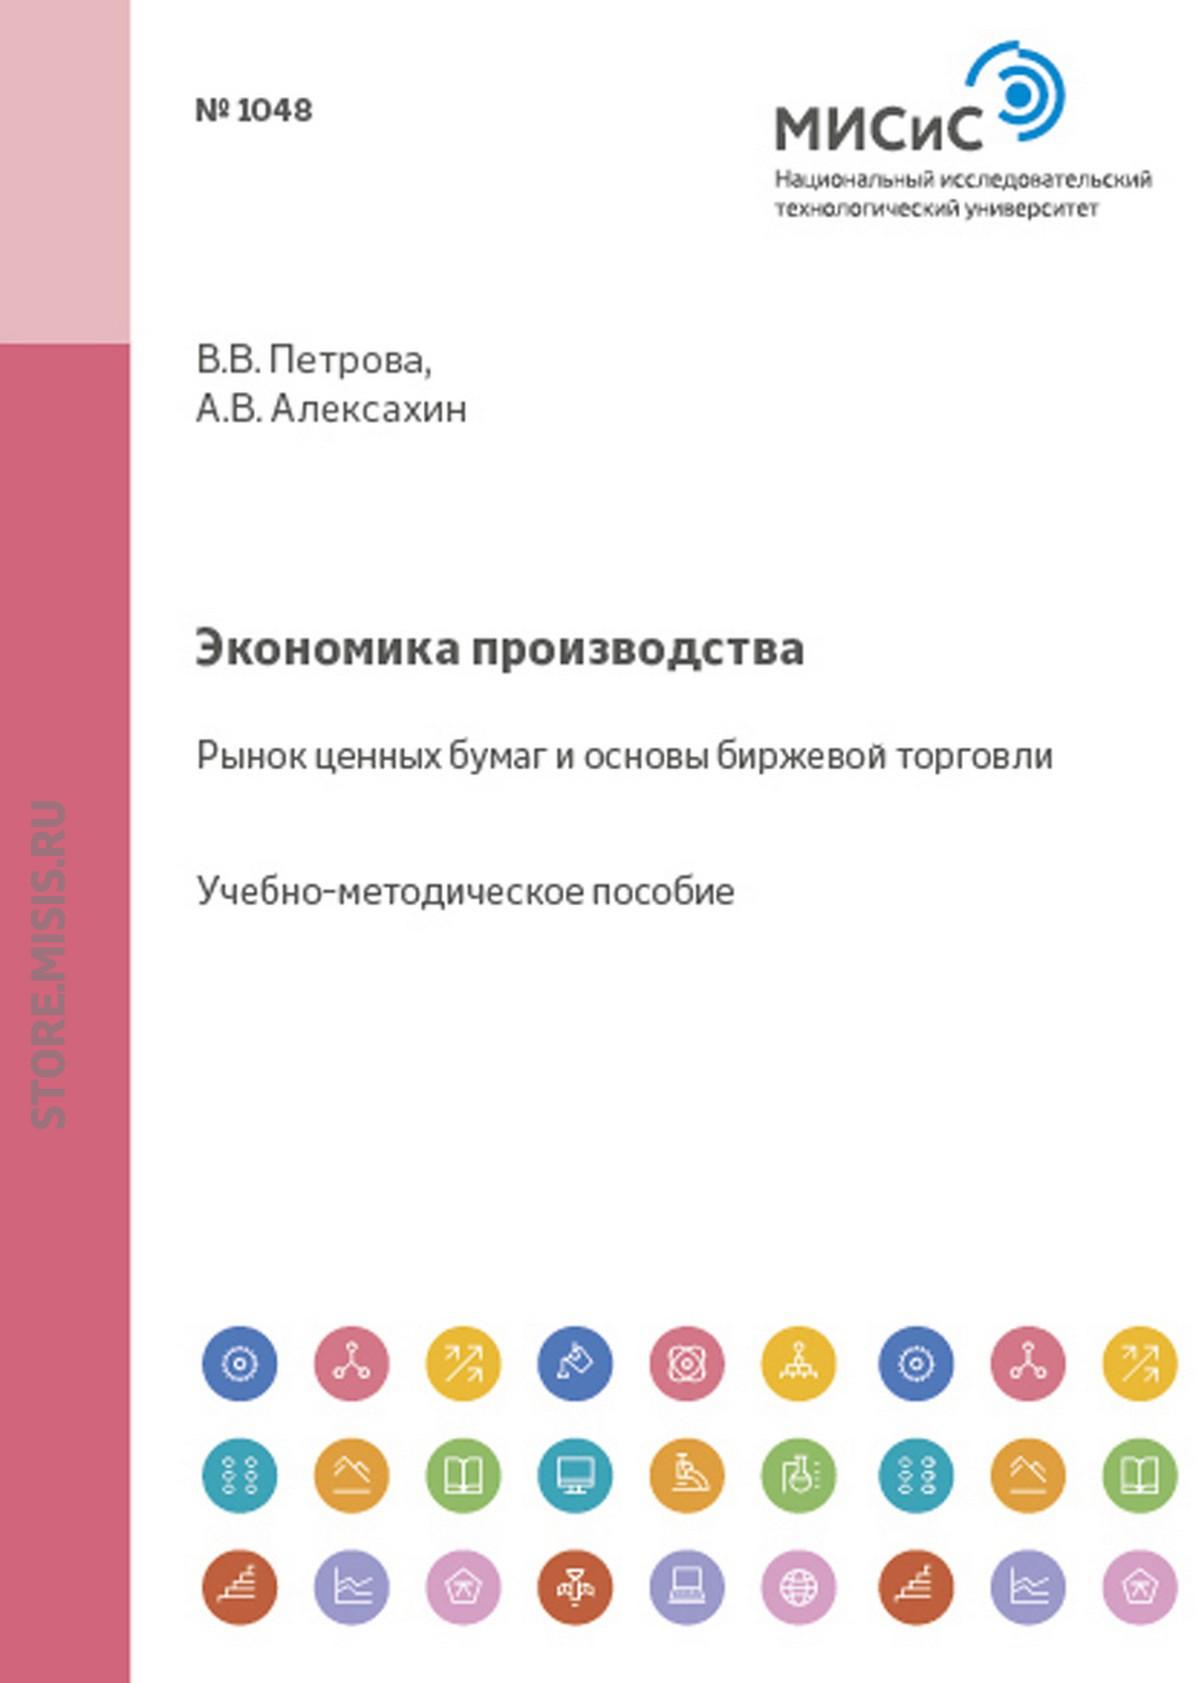 Александр Алексахин Экономика производства. Рынок ценных бумаг и основы биржевой торговли цена 2017